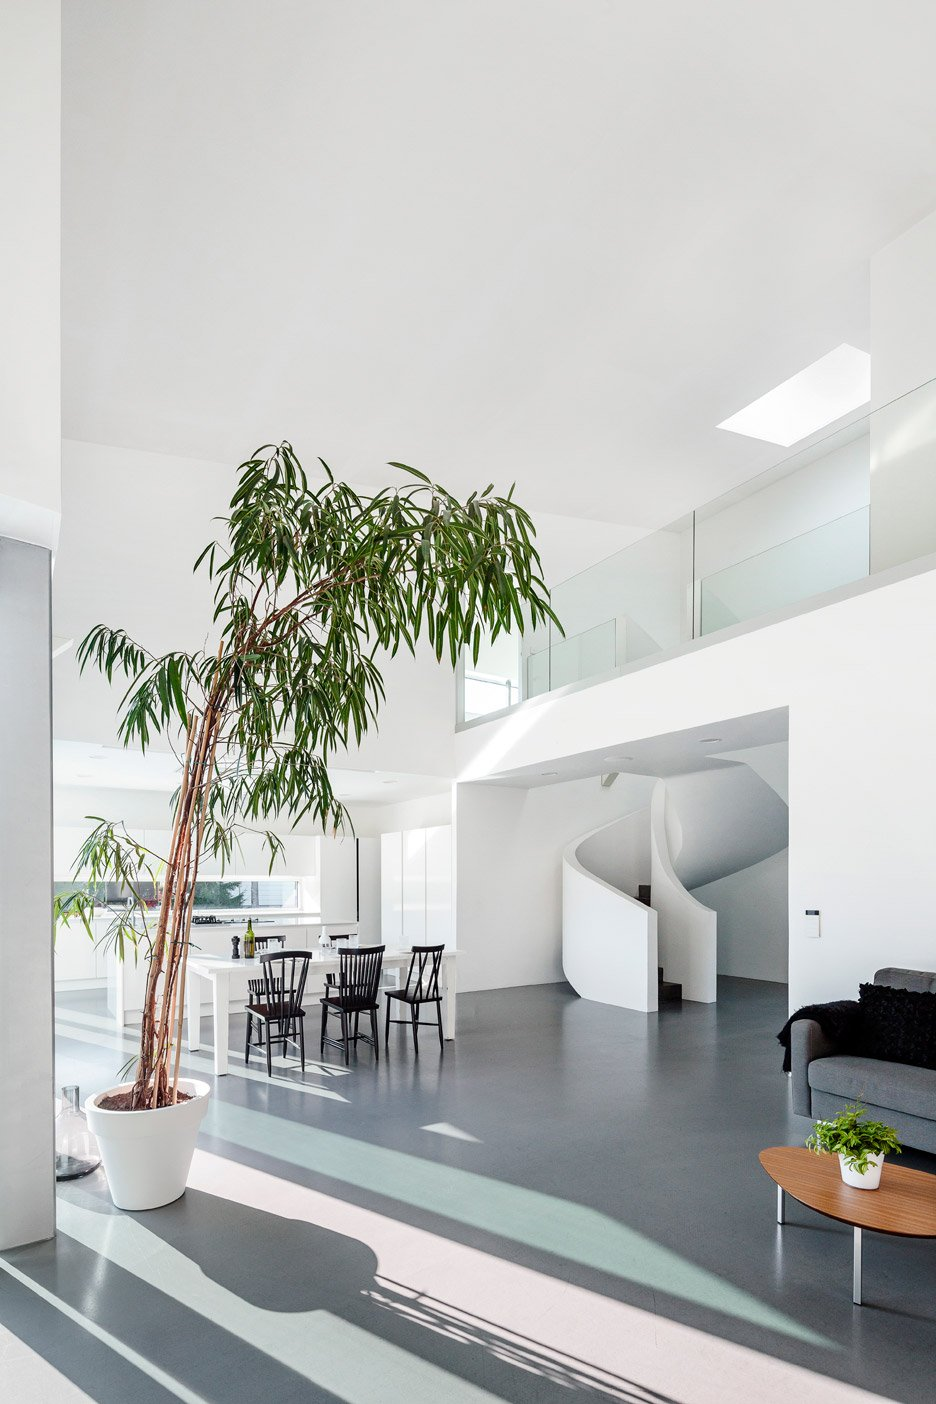 Villa Lumi by Avanto Architects